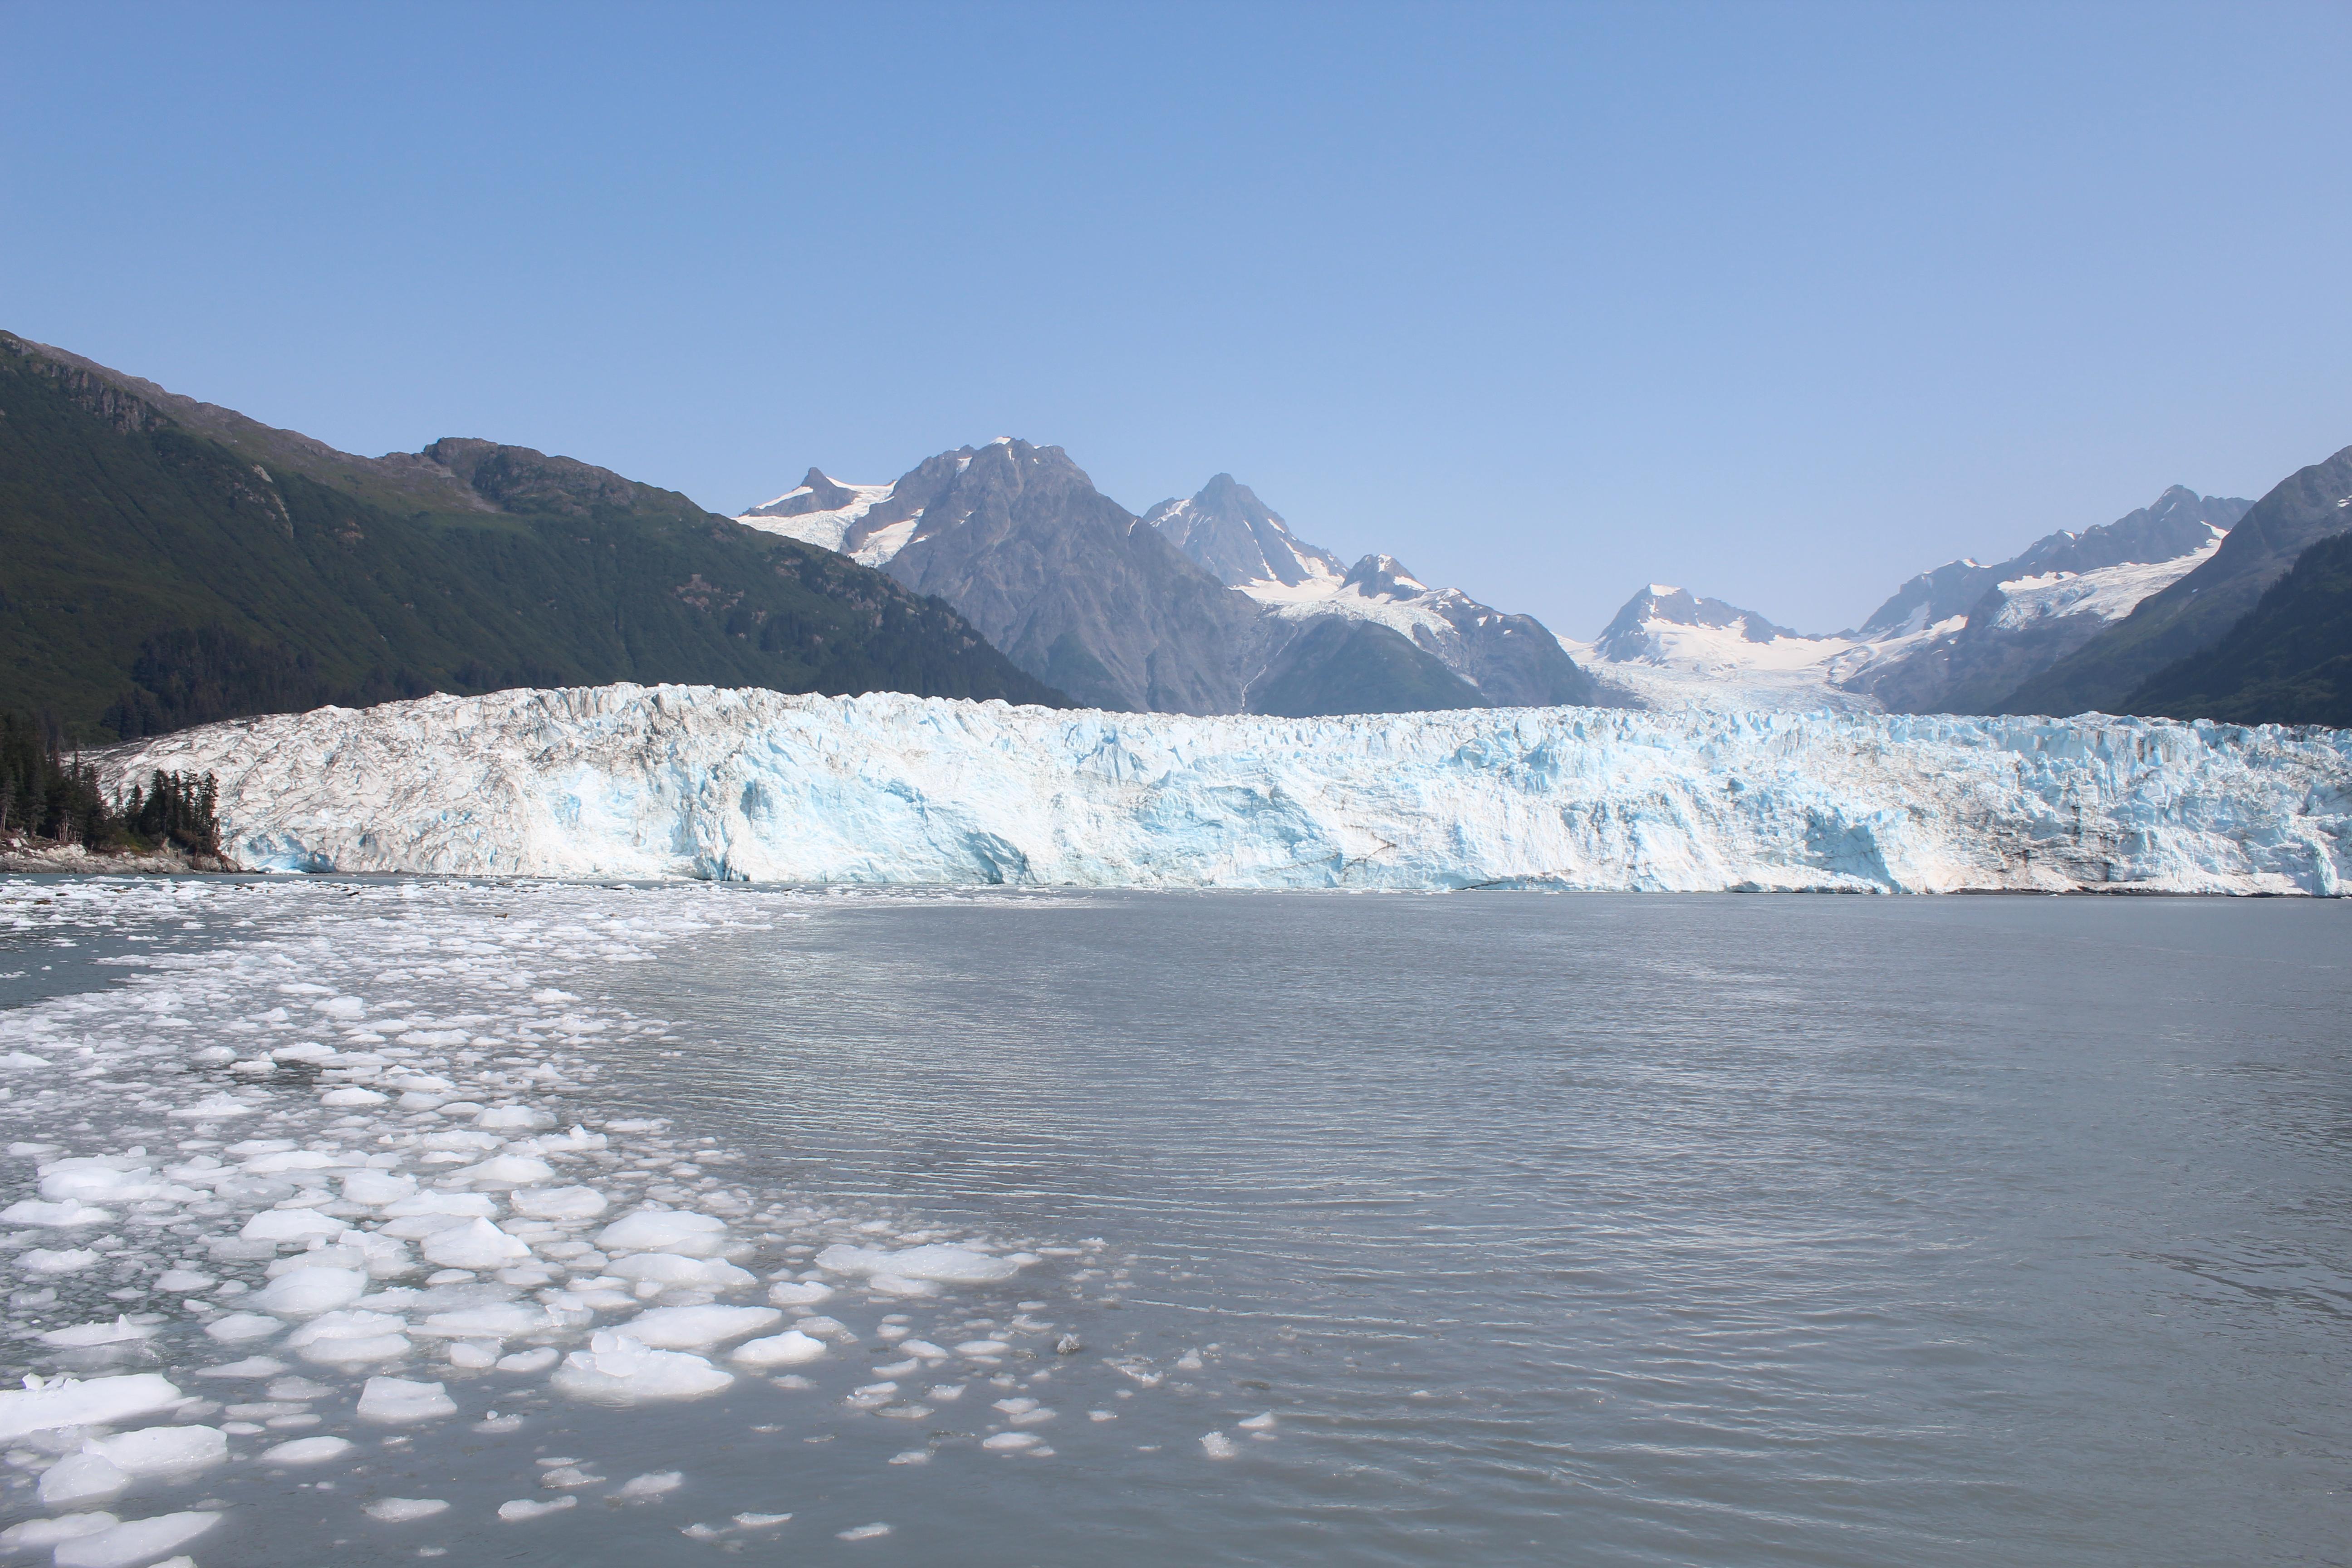 アラスカの氷河クルーズツアー(バルディーズ)